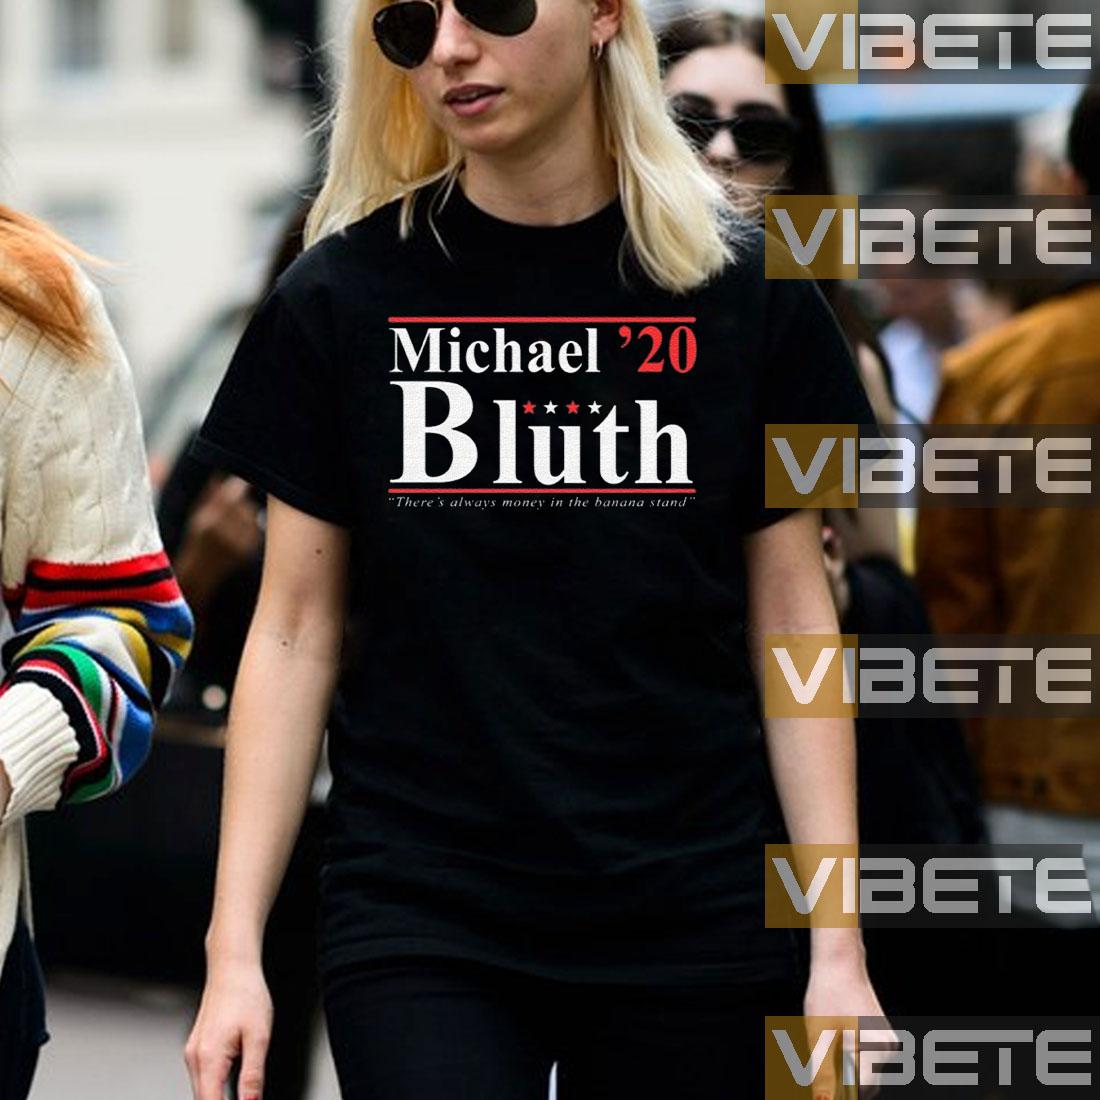 Michael Bluth 2020 TShirts